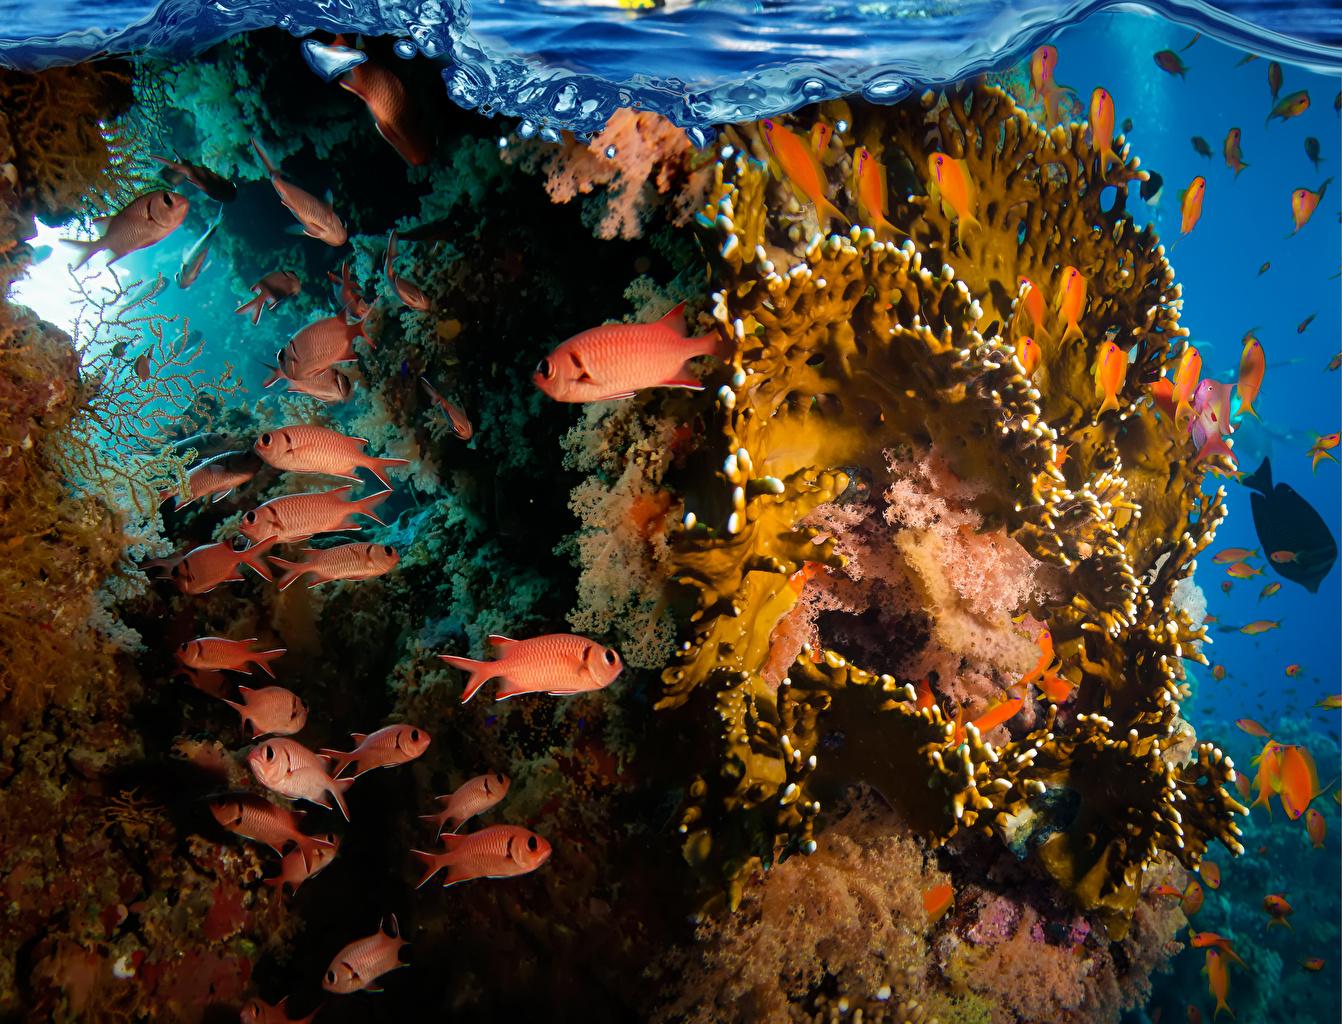 Картинка Рыбы Подводный мир Кораллы Животные животное